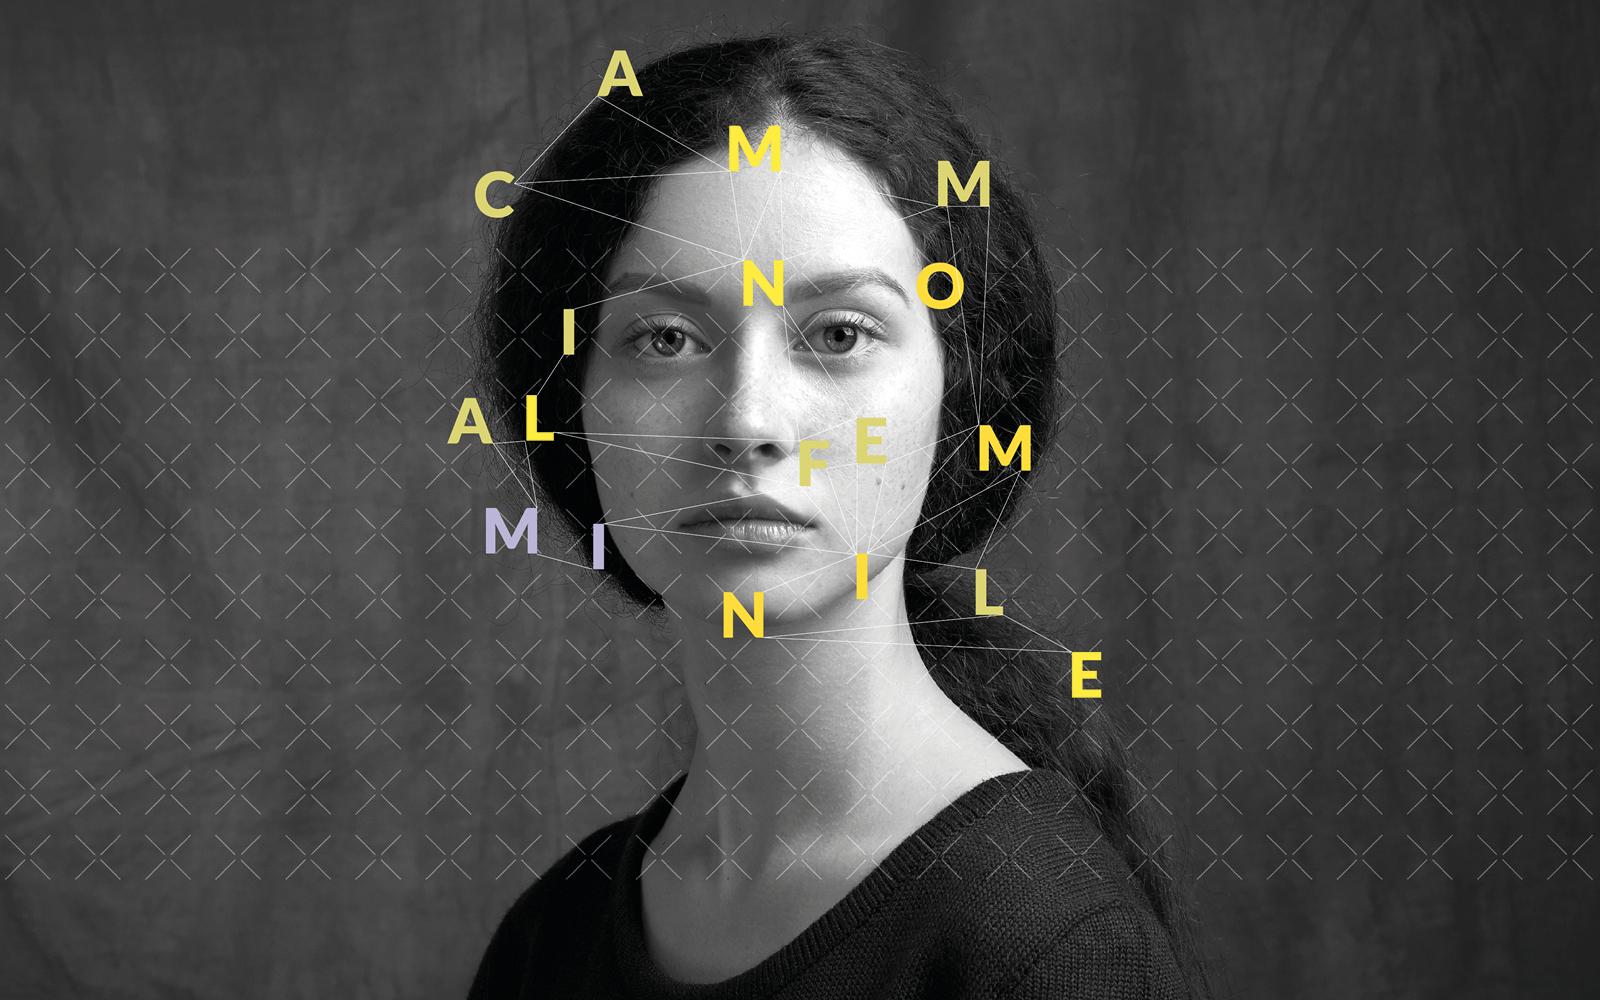 dettaglio del manifesto progettato dalla agenzia grafica pubblicitaria Diadestudio per la manifestazione di arte Ars Foemina